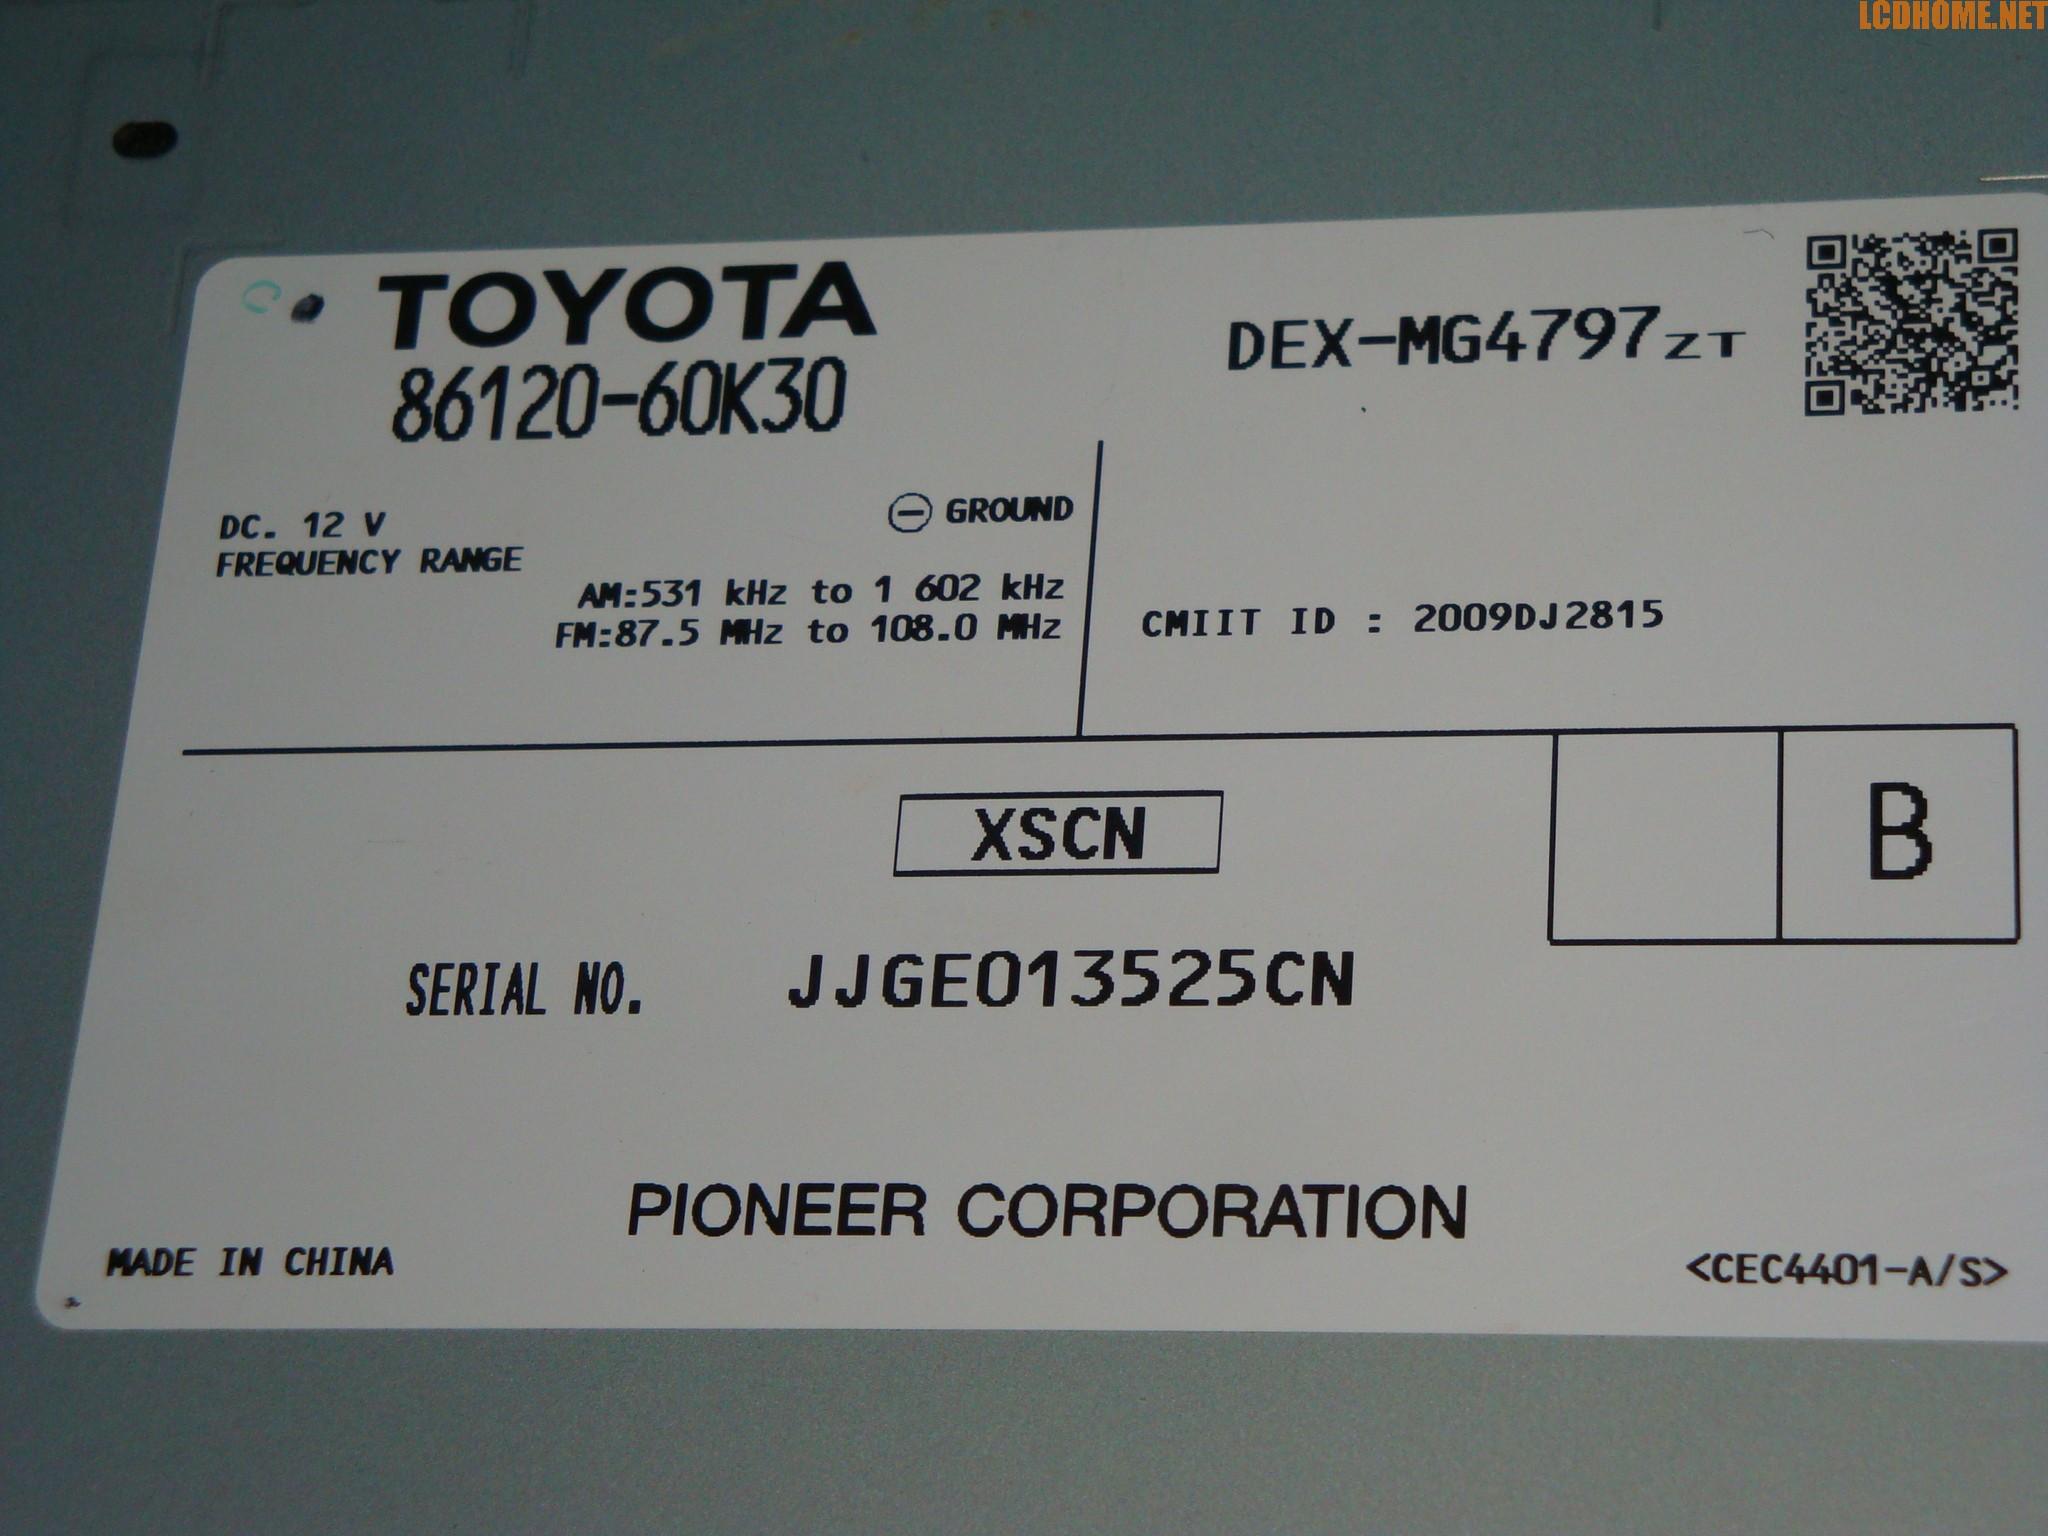 求解丰田霸道原装cd机接线图,机盒型号86120-60k30,高分悬赏,要求每一